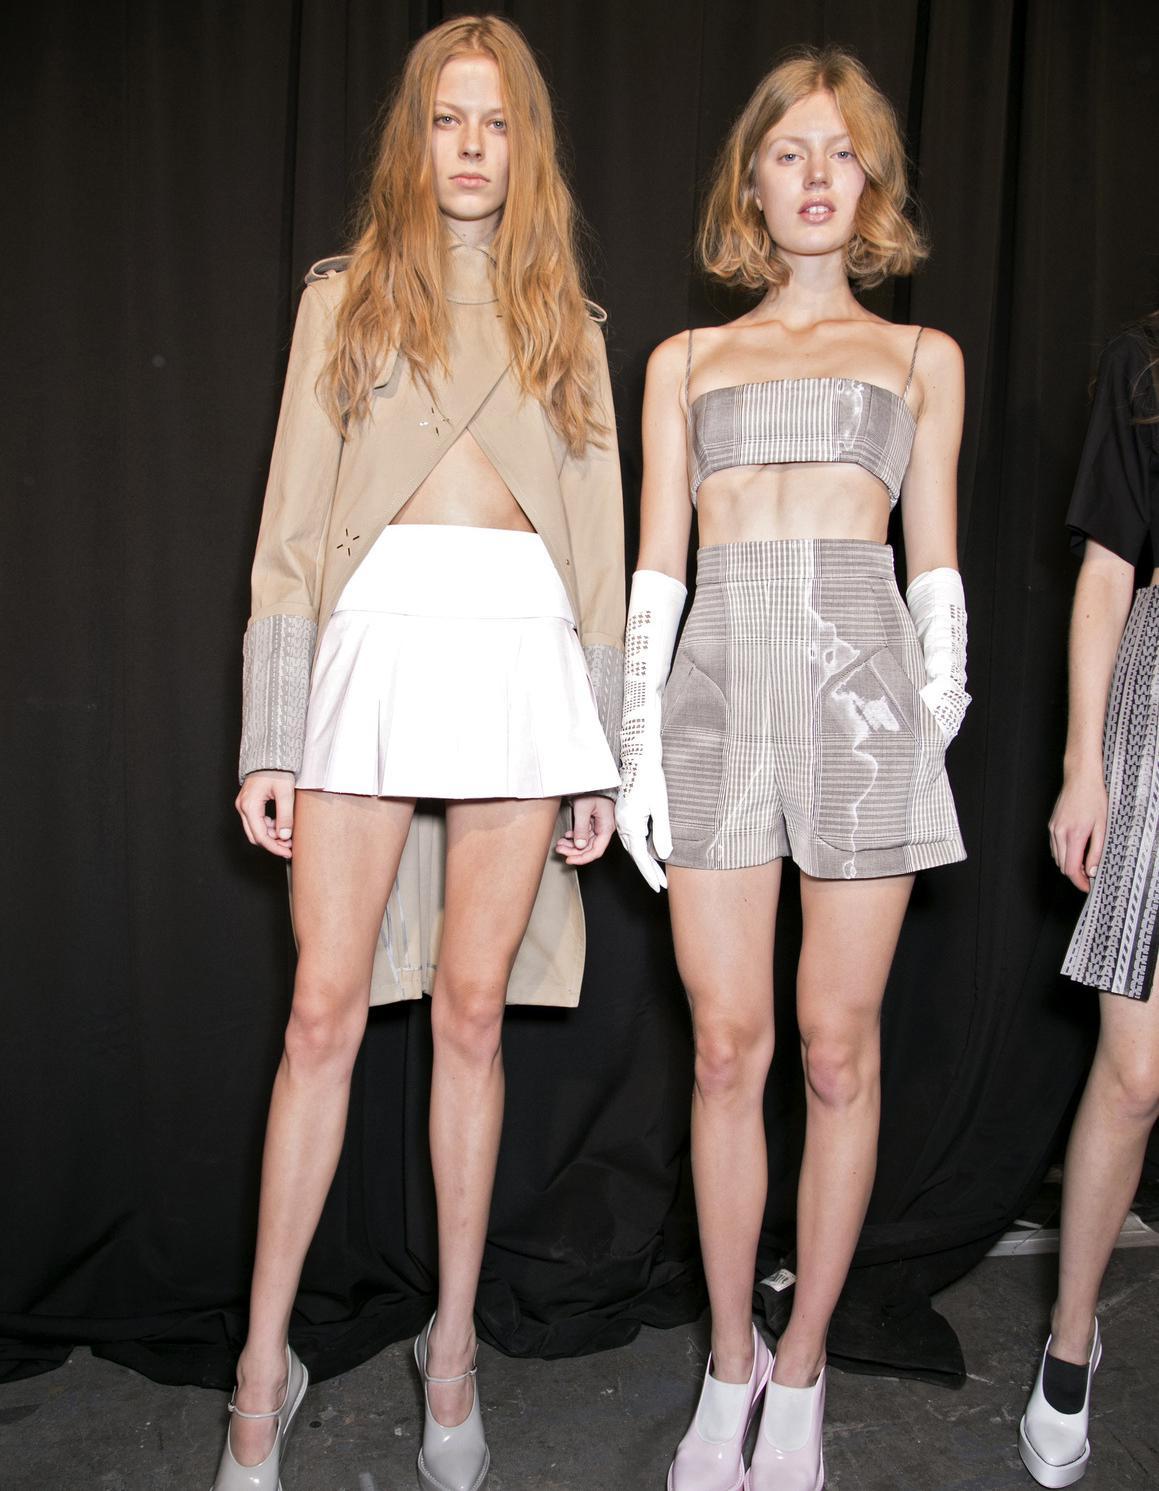 Des mannequins atypiques dans la mode